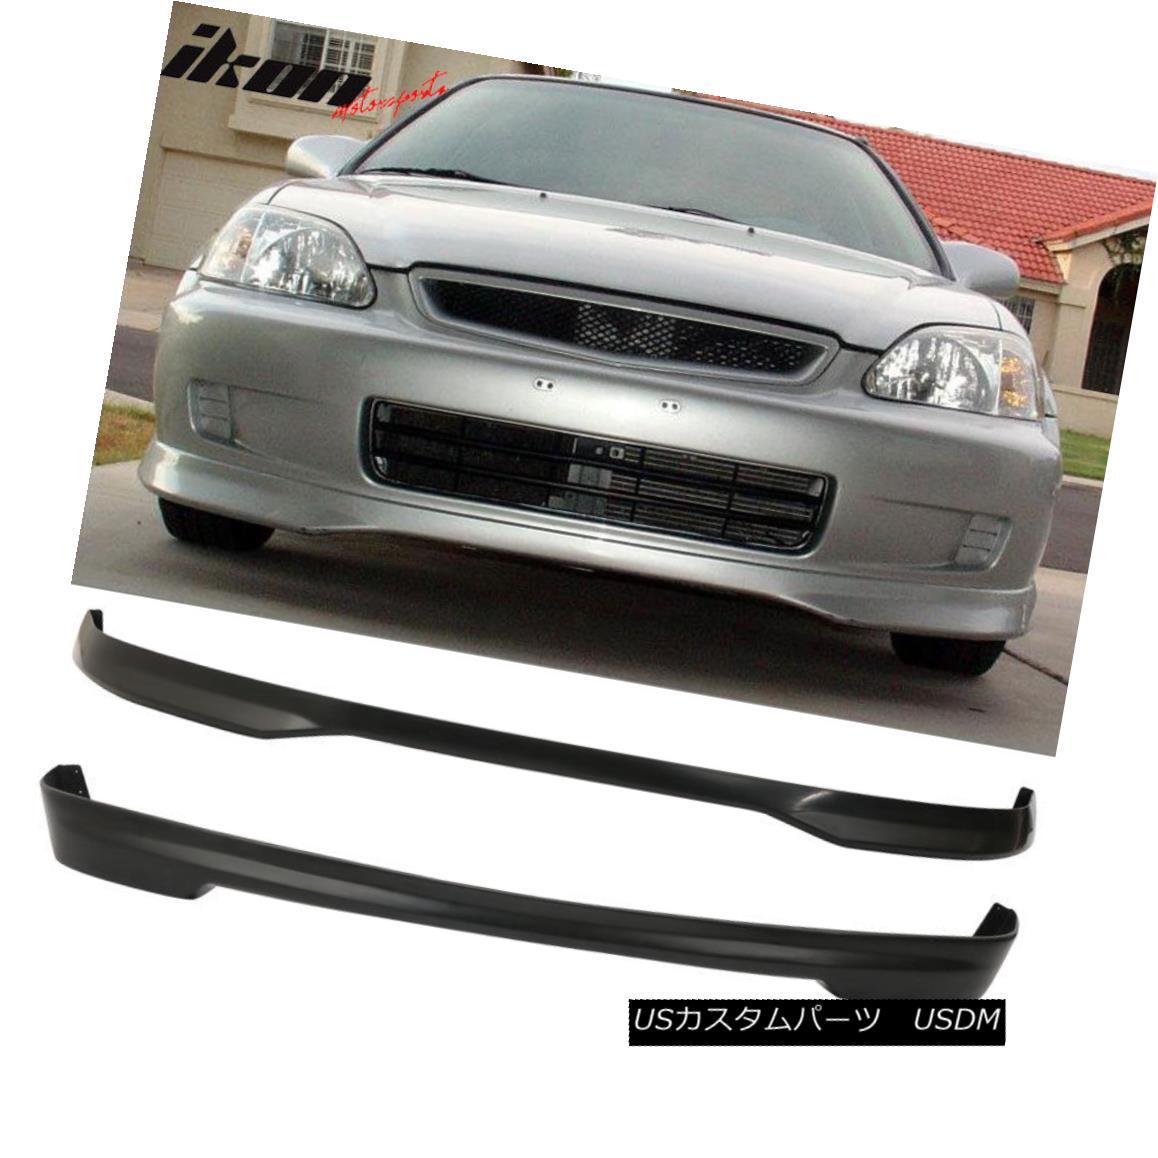 エアロパーツ Fits Honda Civic EK 99-00 3Dr PP Front + Rear Bumper Lip Spoiler フィットホンダシビックEK 99-00 3Dr PPフロント+リアバンパーリップスポイラー